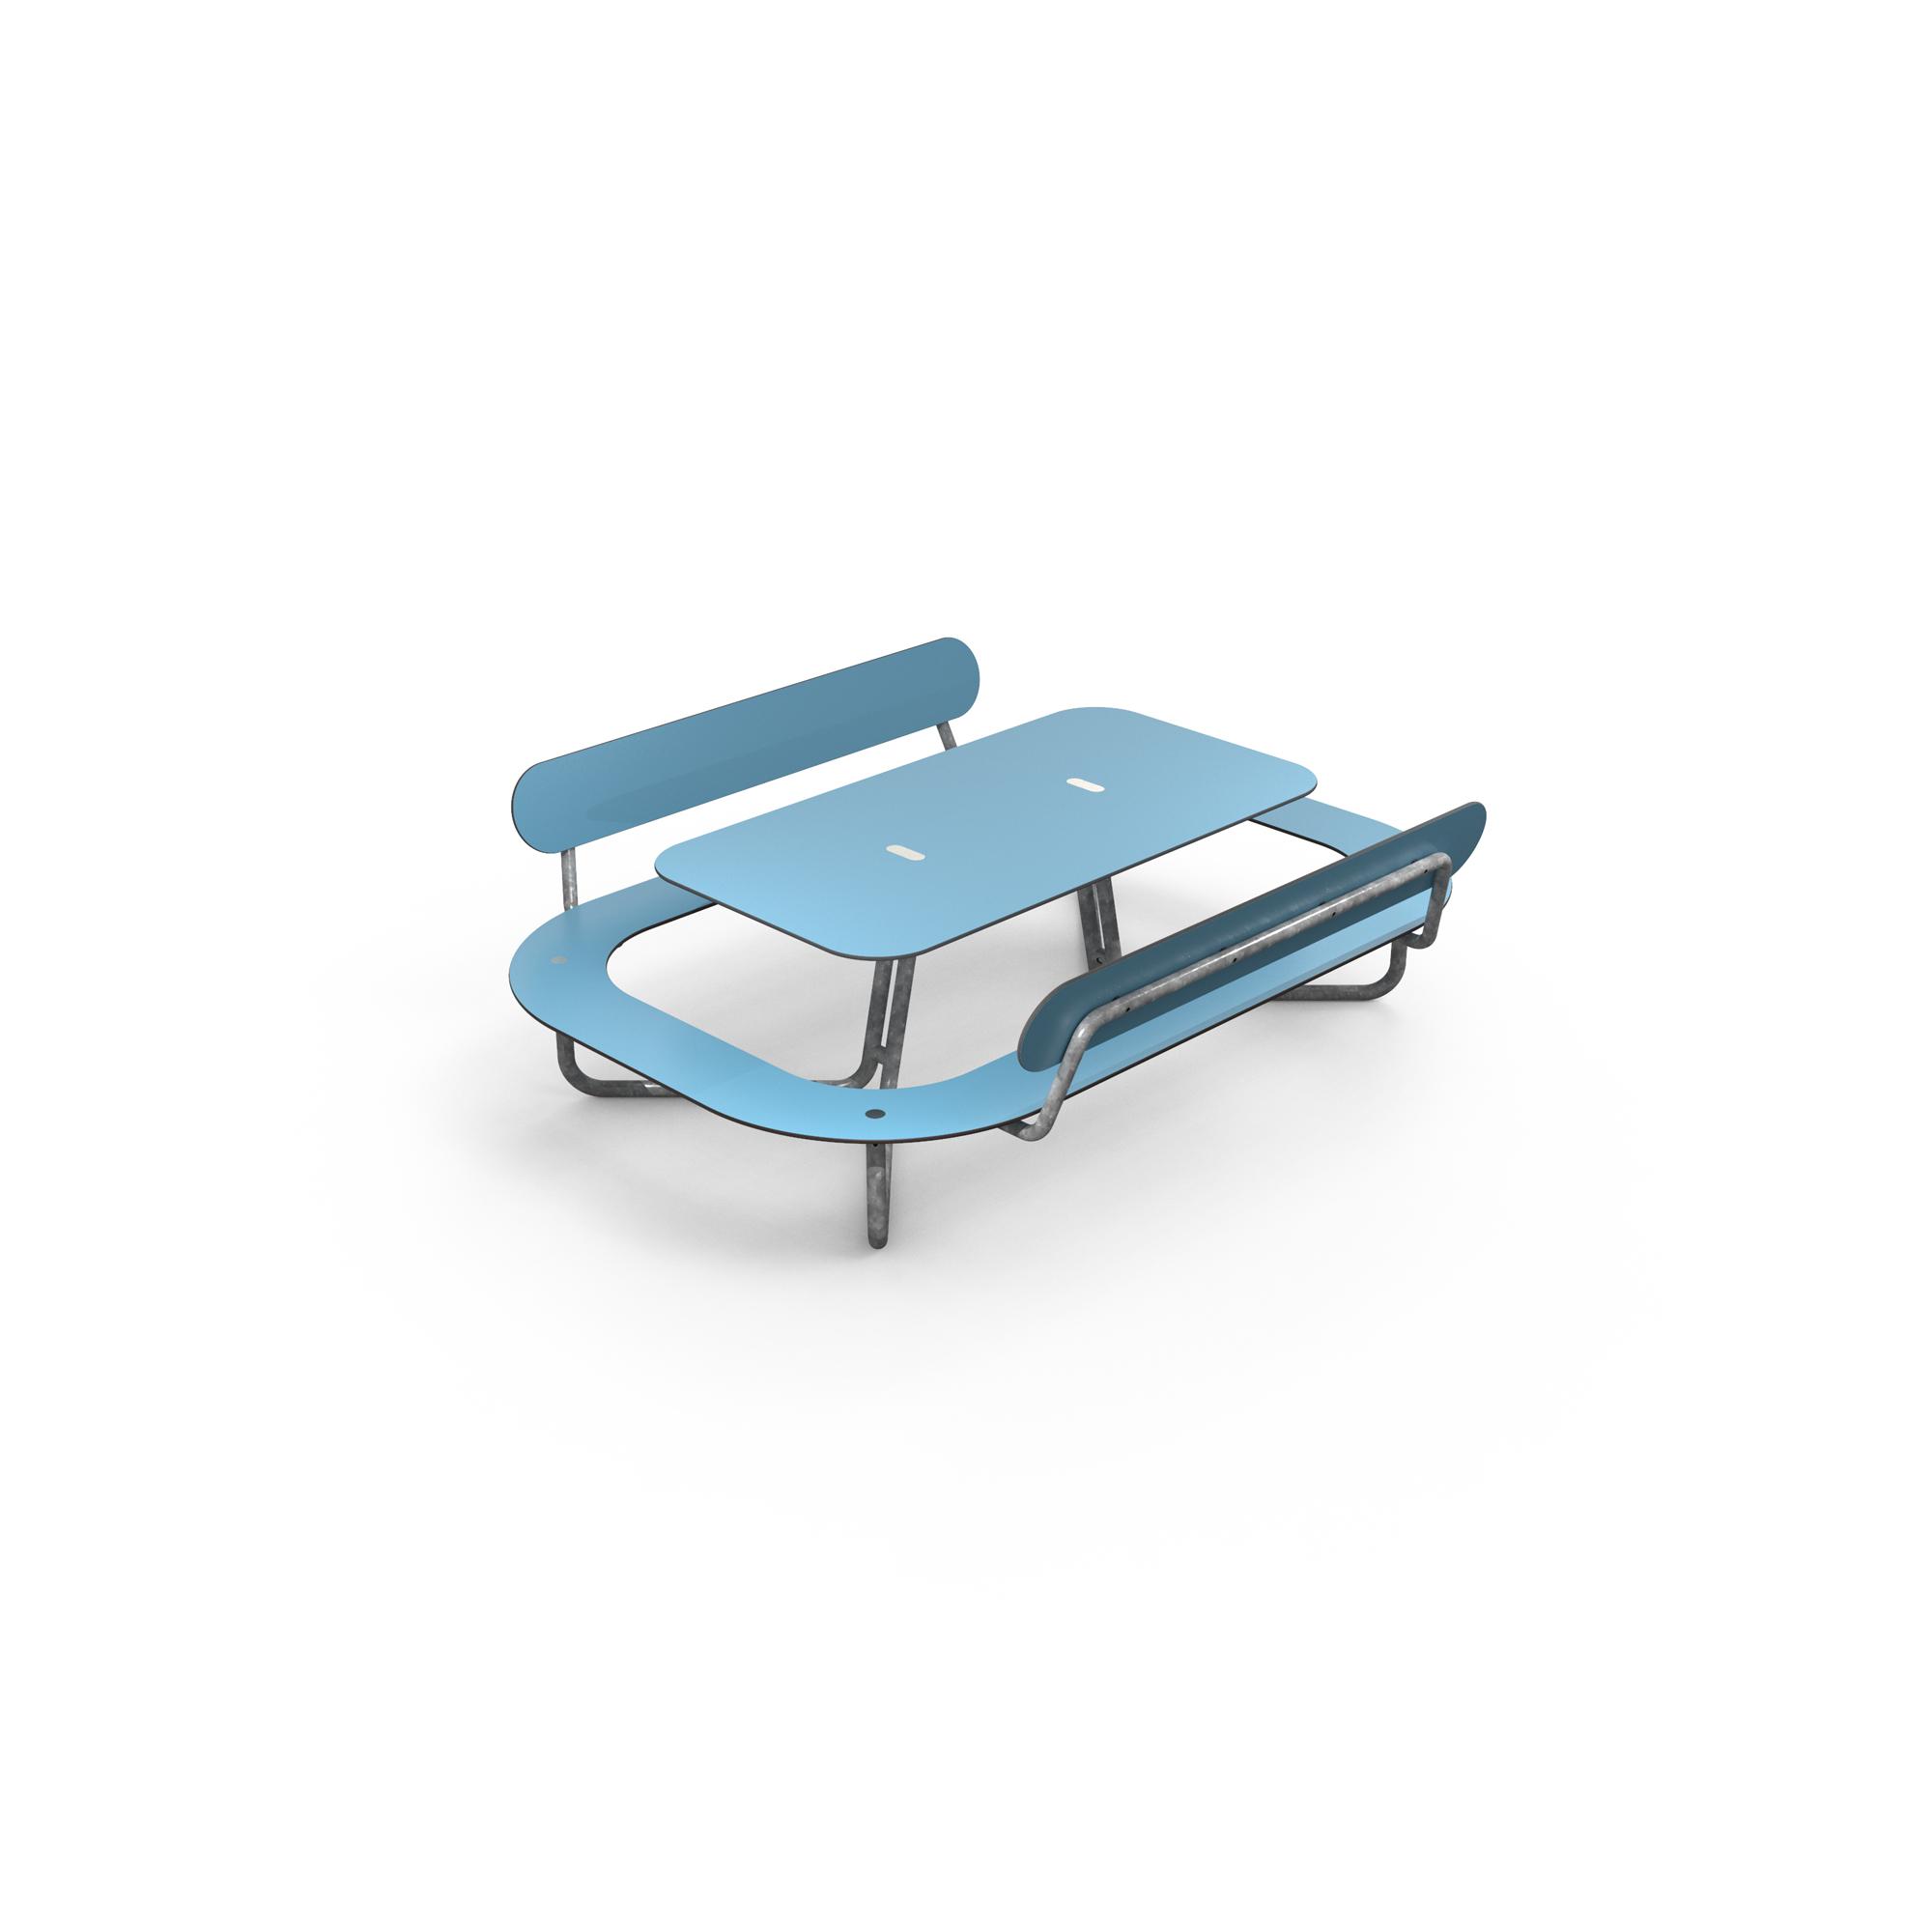 Plateau-L picknicktafel met rugleuning blauw